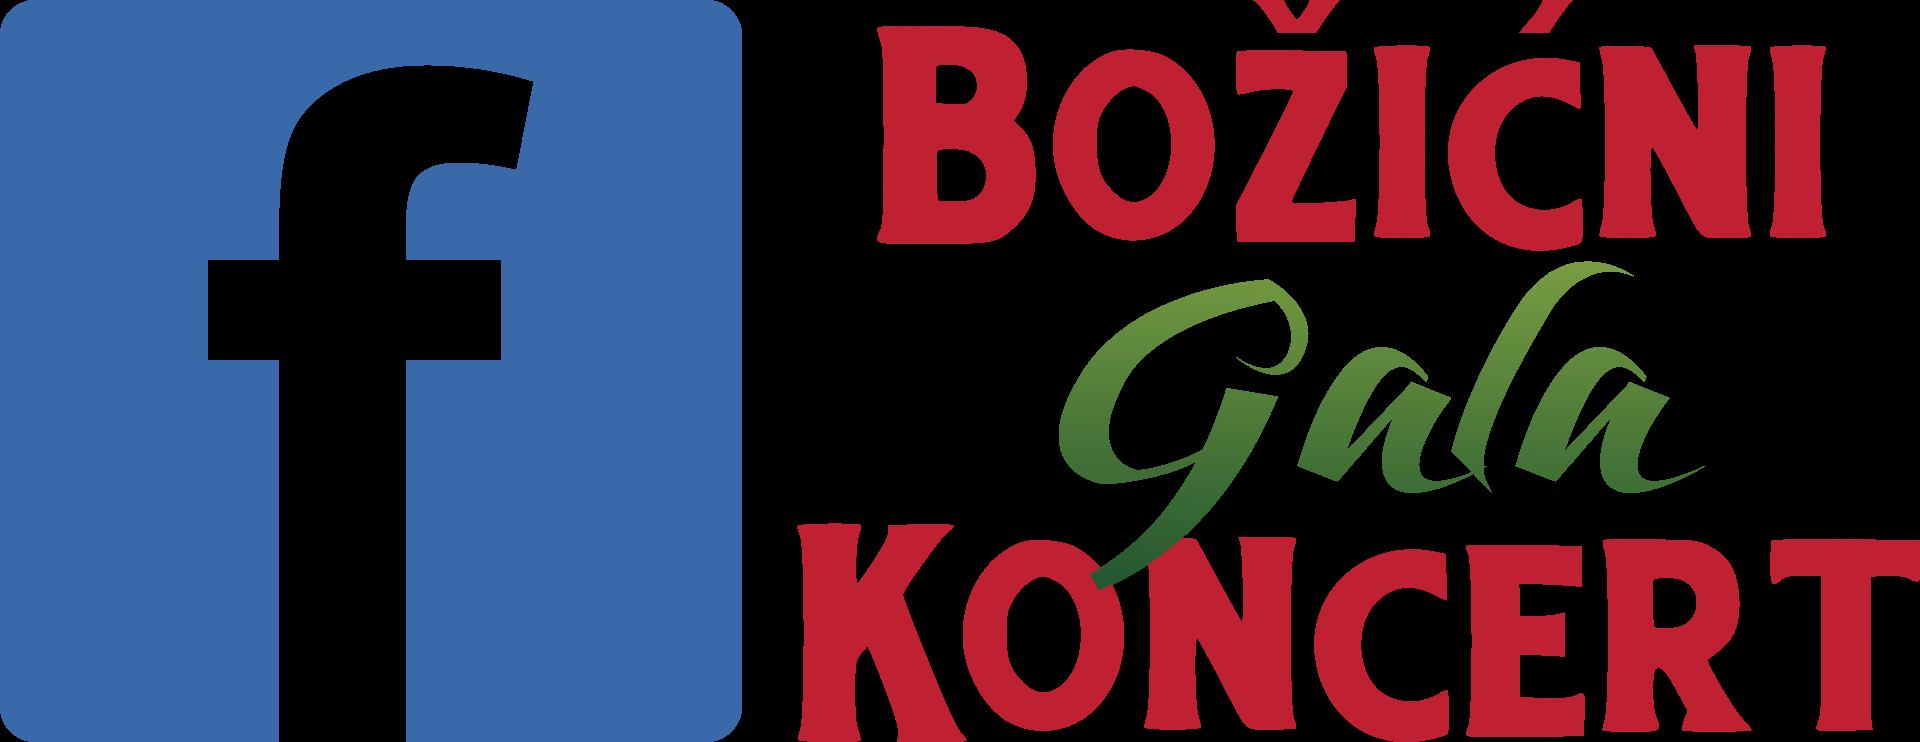 Božićni gala koncert - službena Facebook stranica